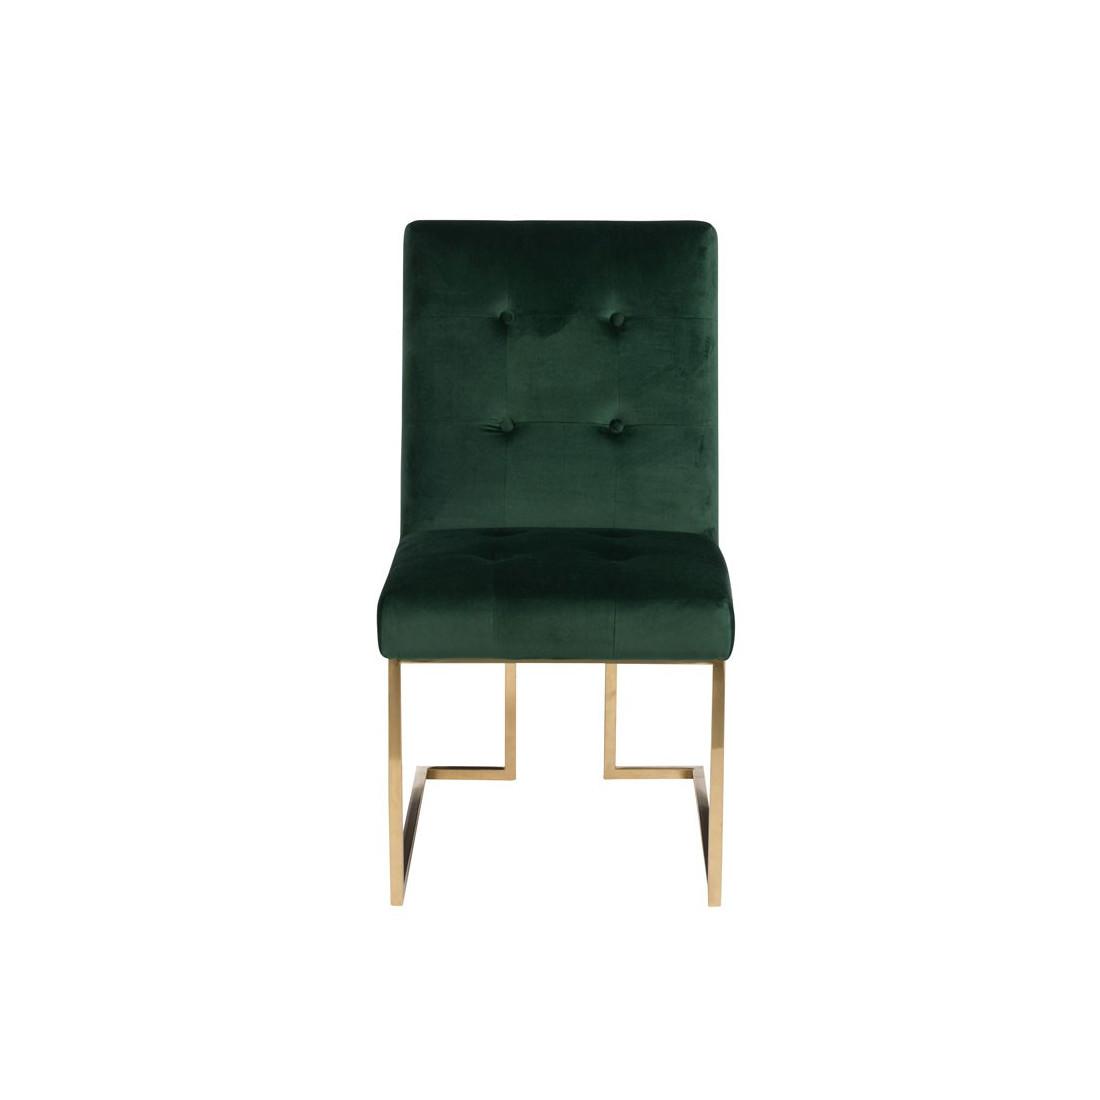 Duo de chaises velours vert velly univers des assises for Chaise de salle a manger verte